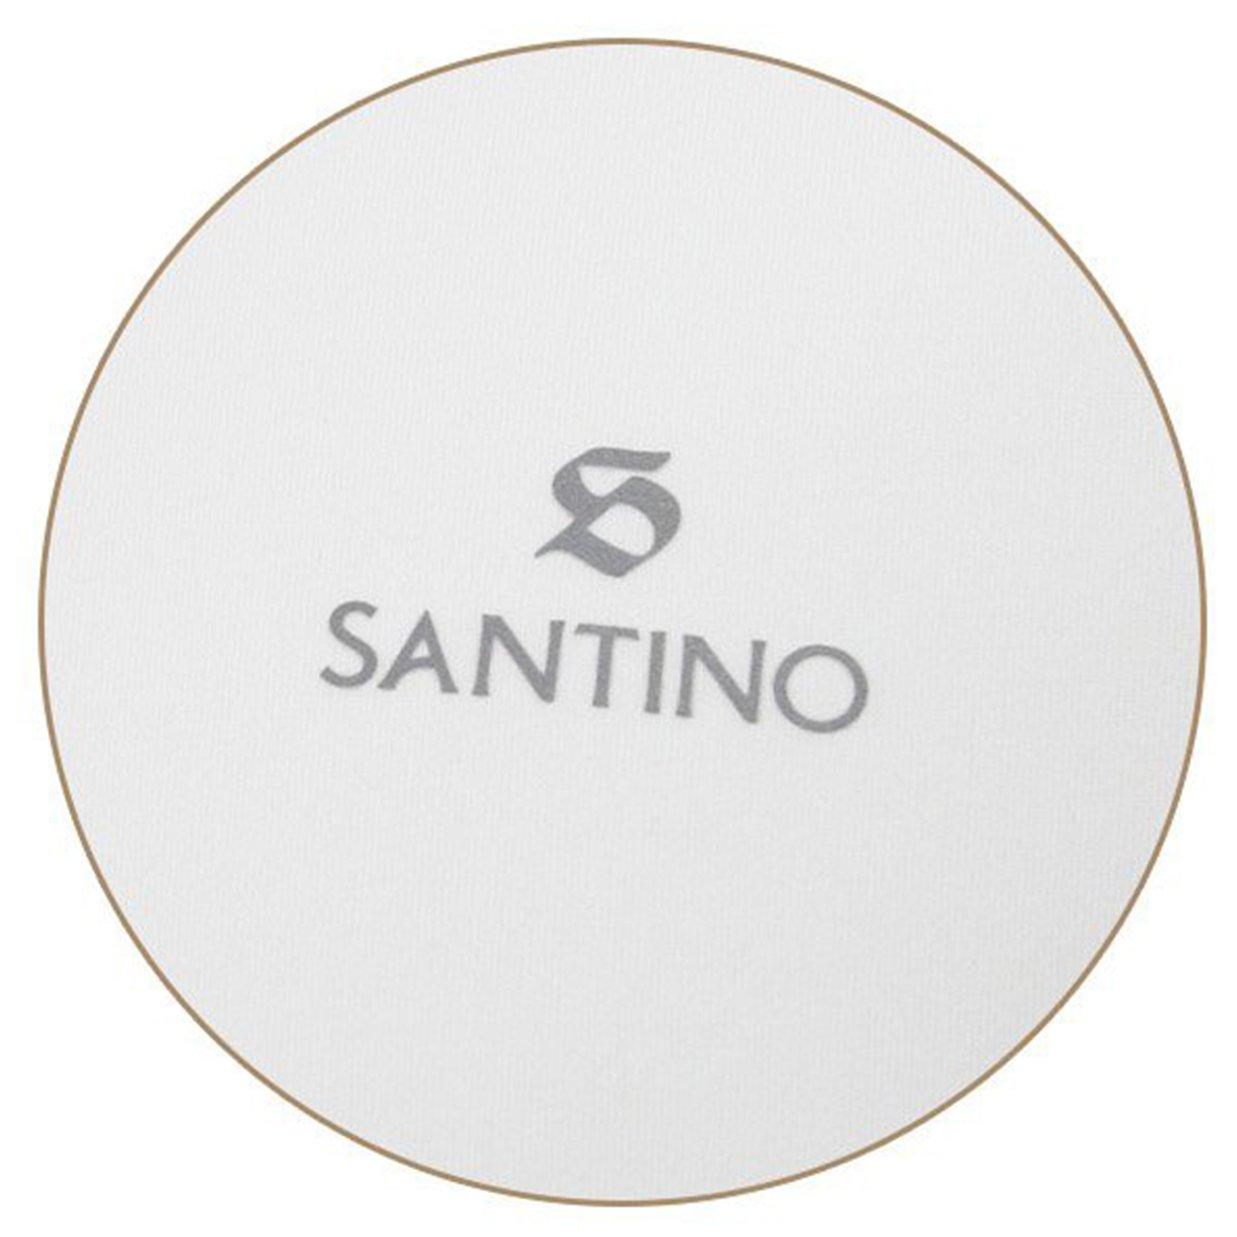 Áo thun POLO nam ngắn tay cổ bẻ Santino chất liệu thể thao co dãn, dáng slim trẻ trung TSP385B854